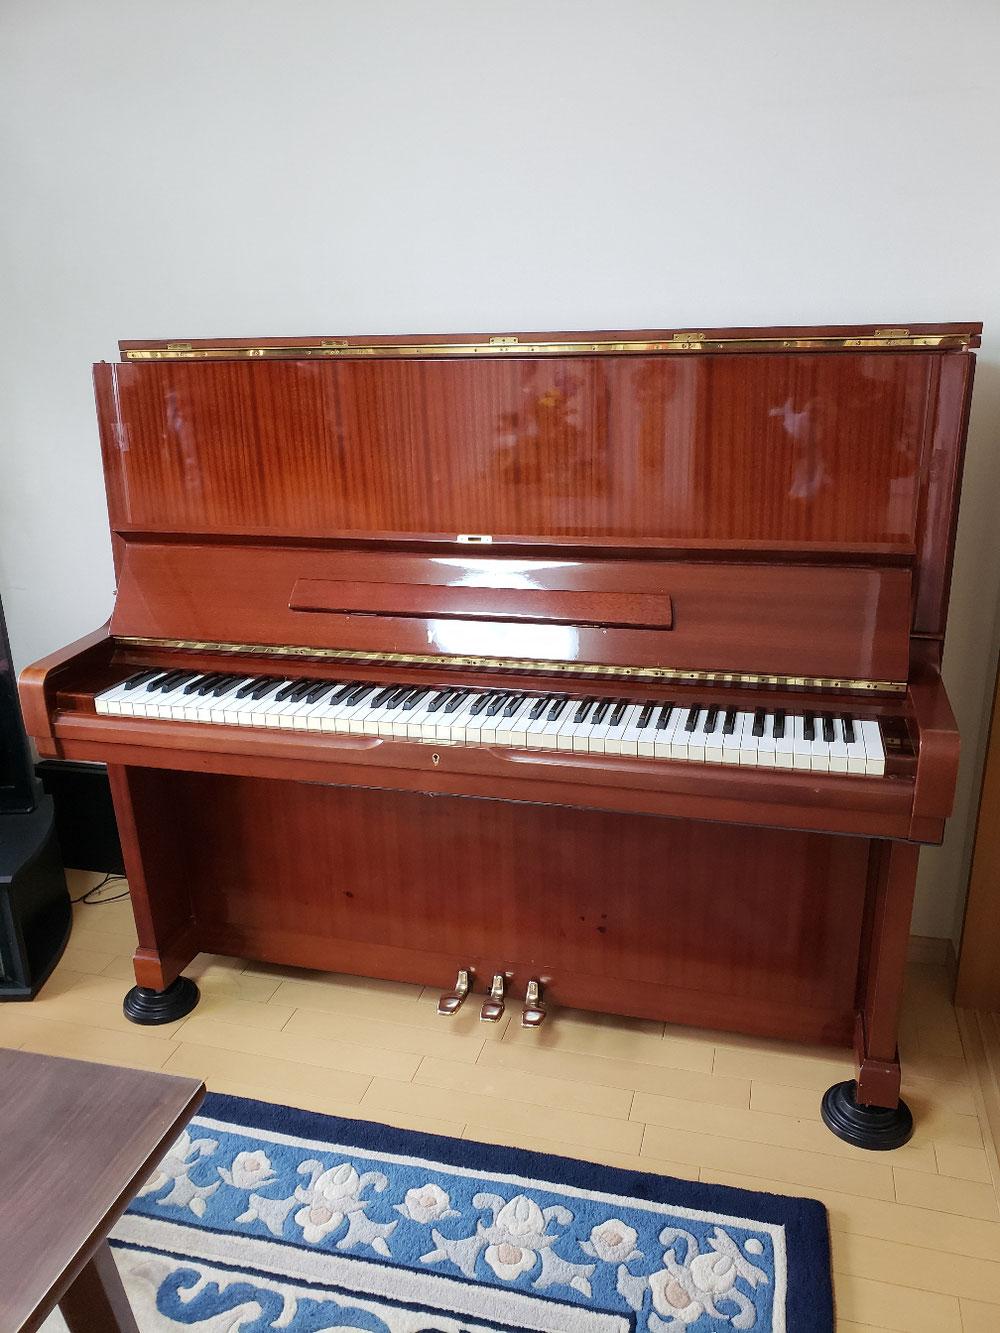 ピアノクリーニングは、弊社にお任せ!